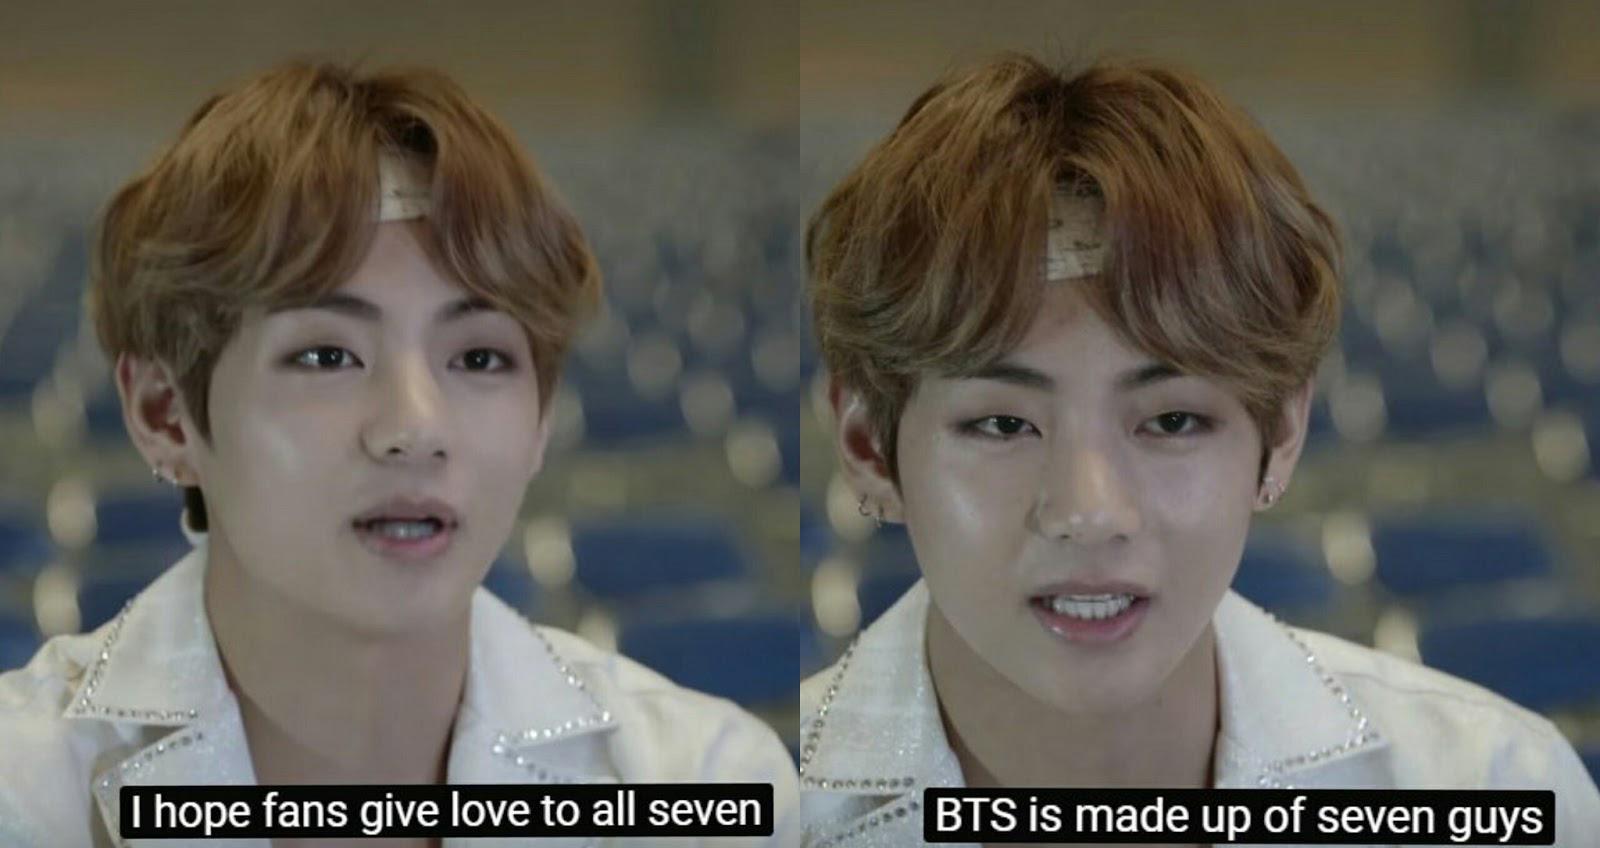 V 'giả dạng' anti BTS thử lòng fan và cái kết bất ngờ!